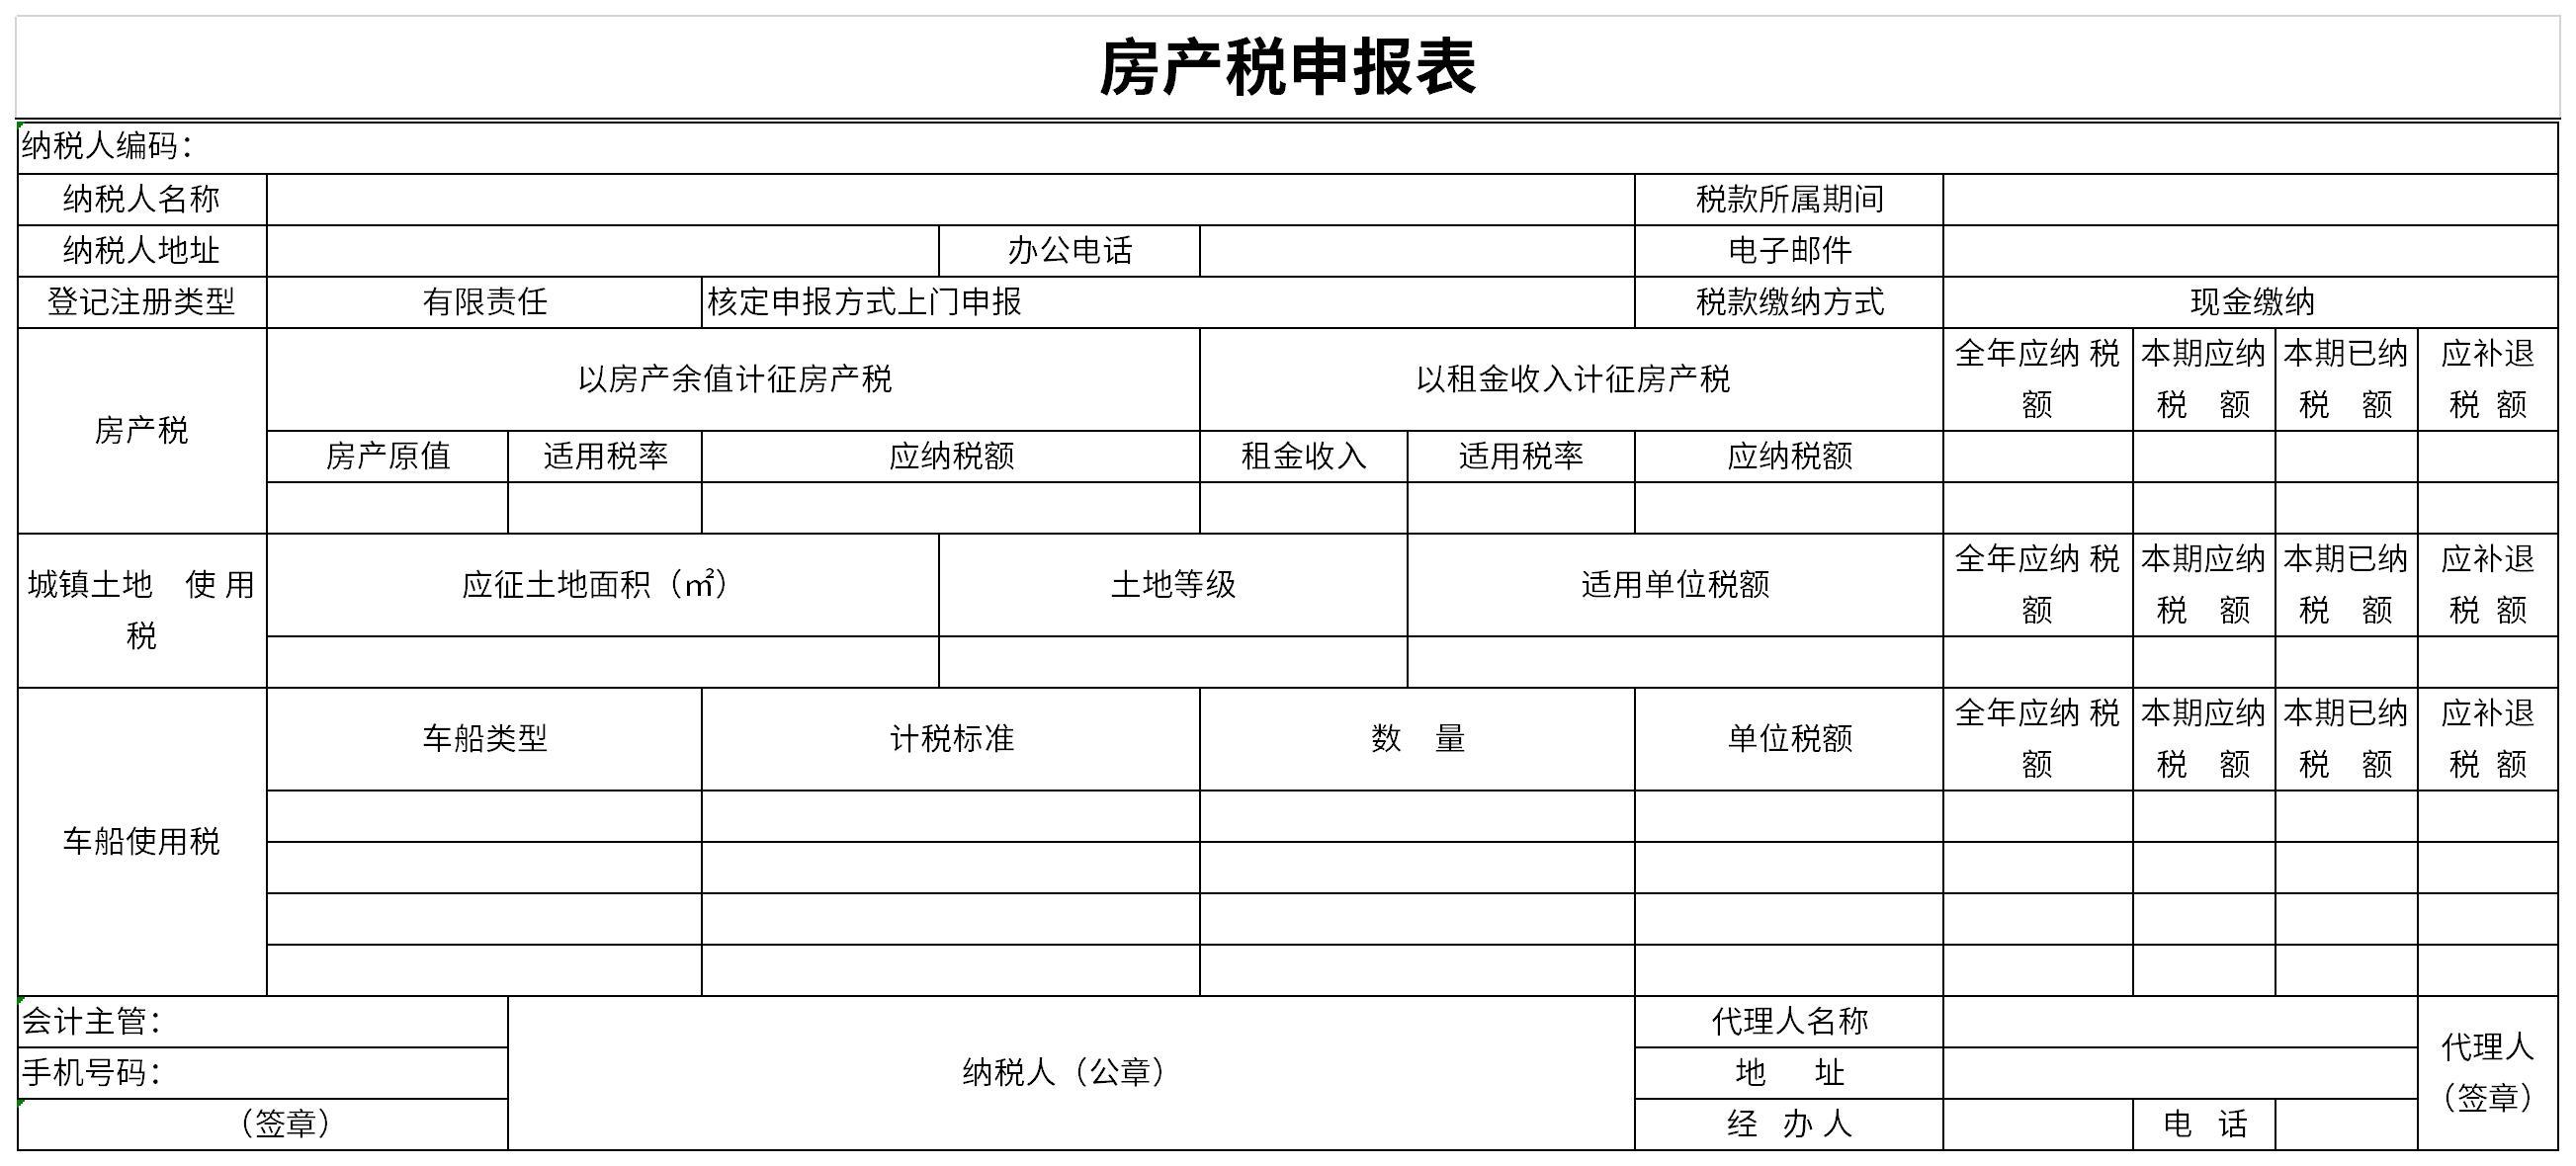 房产税申报表截图